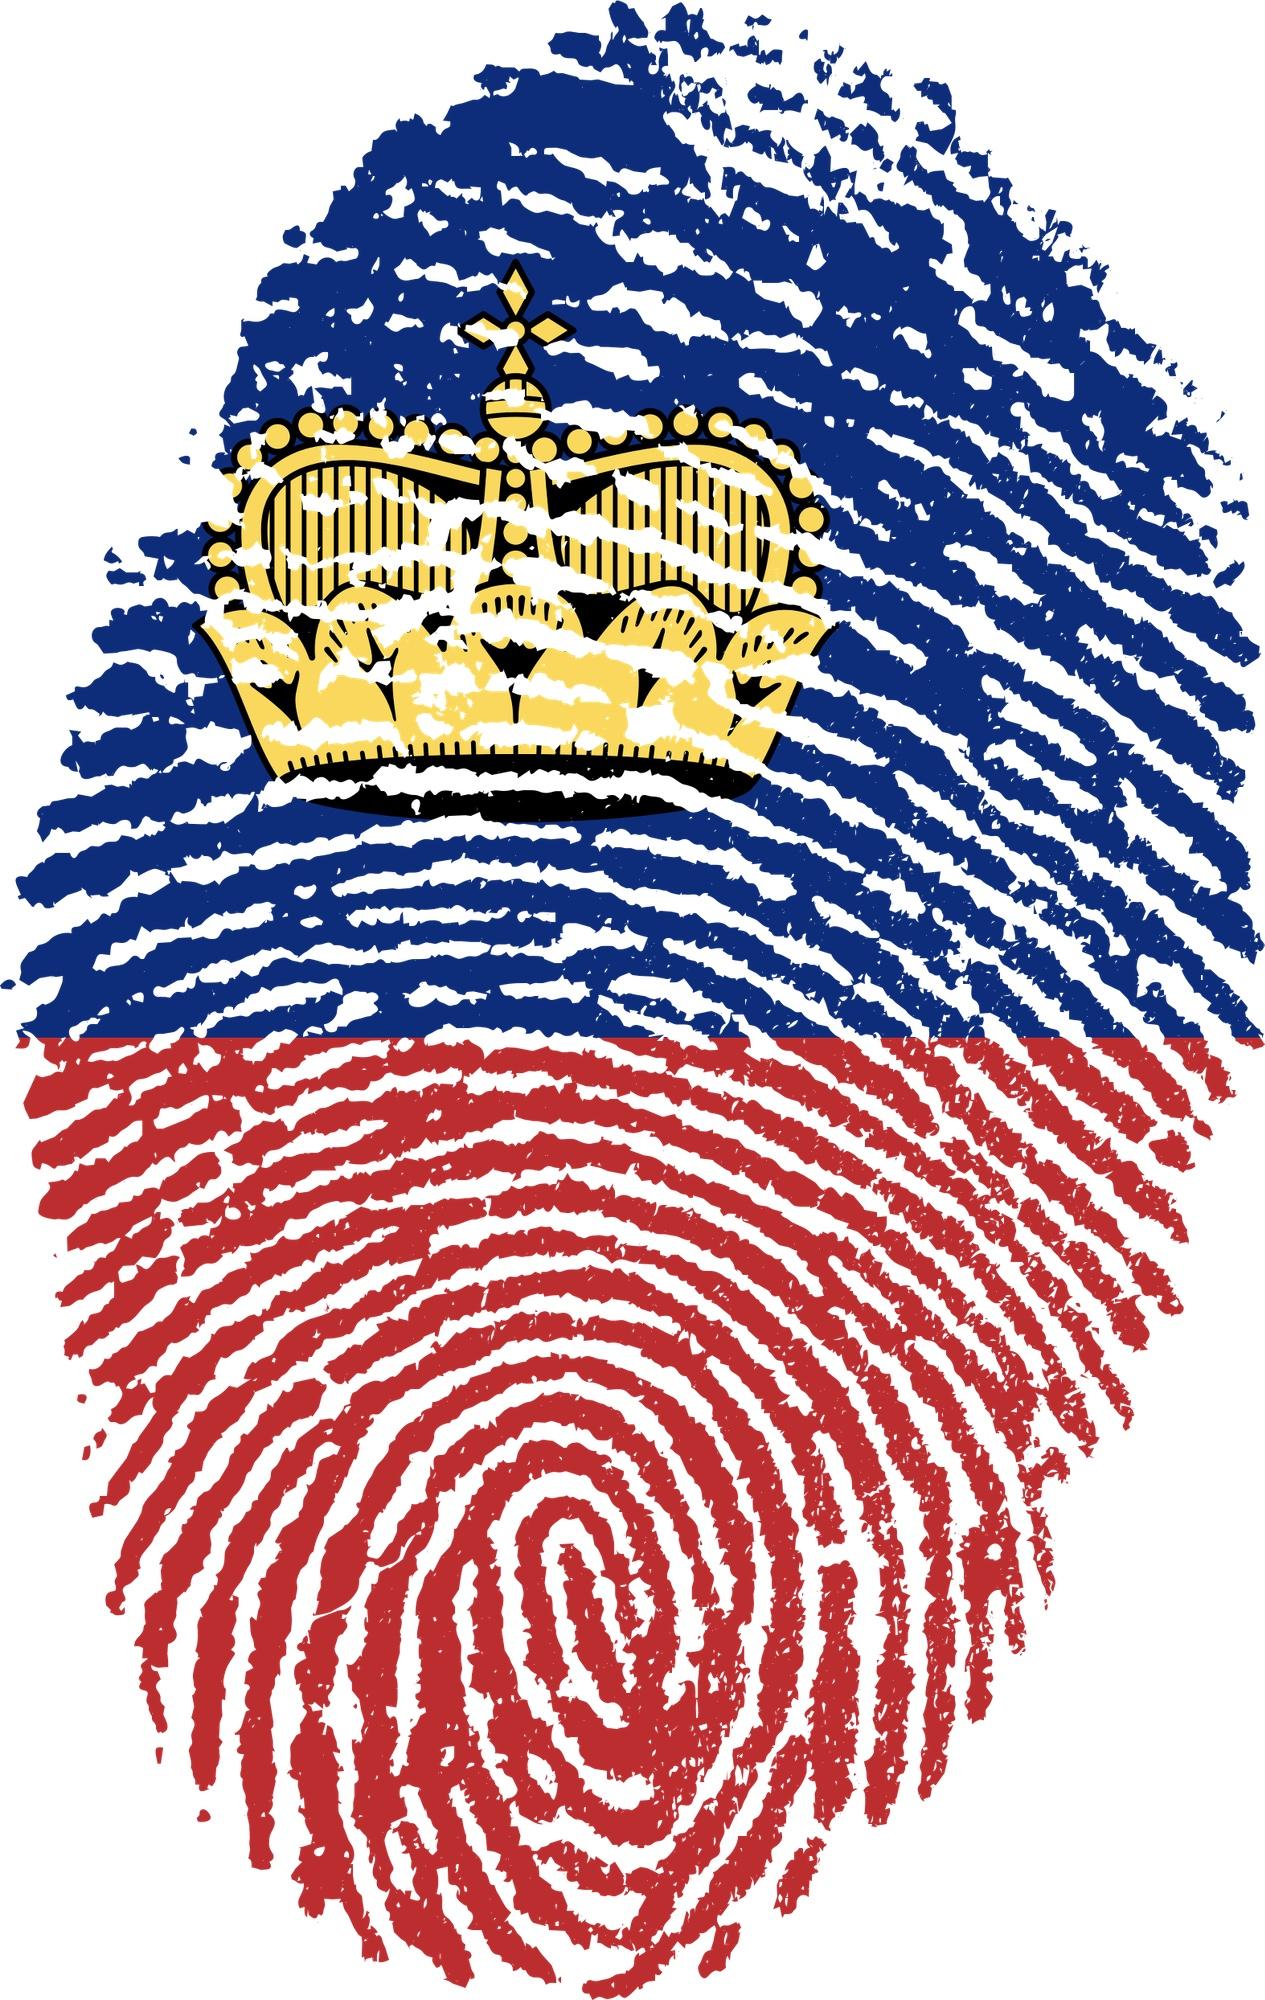 Bild: Fürstentum Liechtenstein-Flagge in Form eines Fingerabdruckes